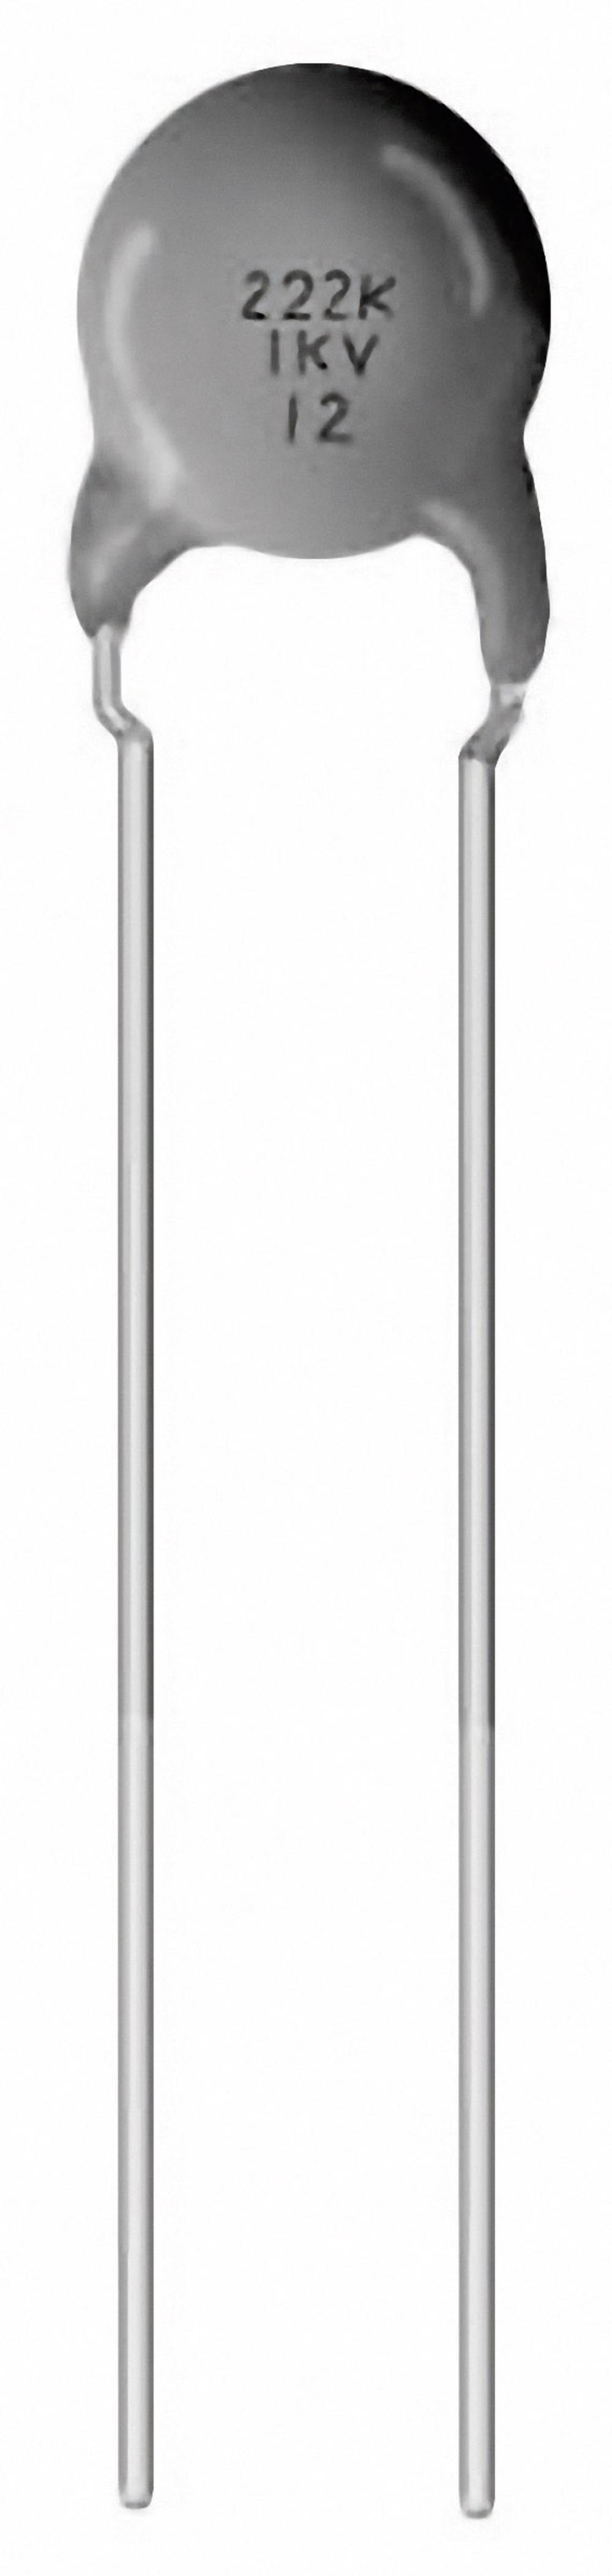 Keramički kondenzator 4.7 nF 1000 V 10 % Murata DEBF33A472ZN2A 1500 kom